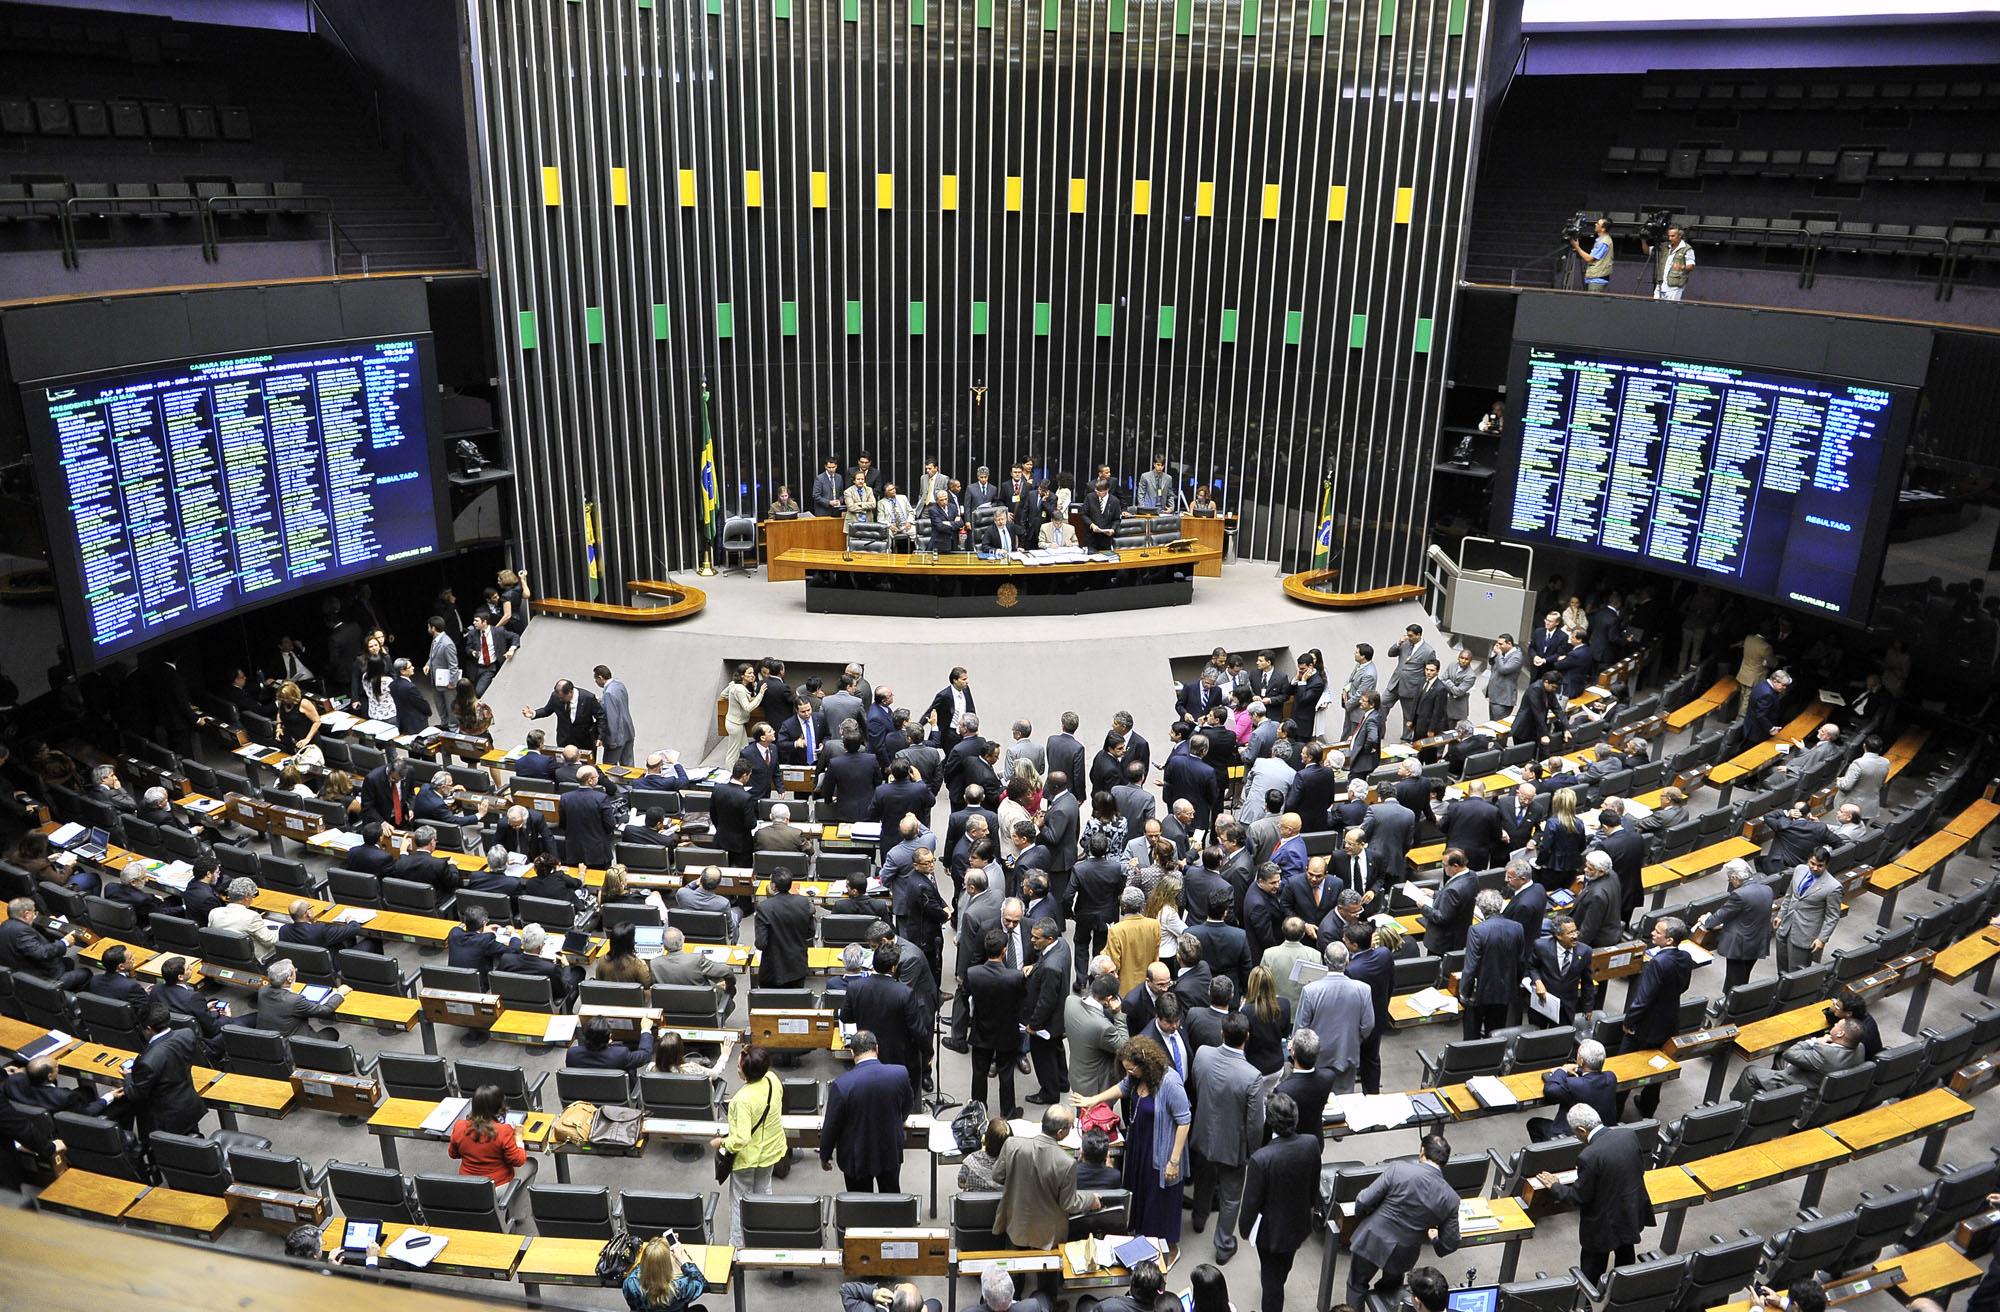 MEDIDAS PROVISÓRIAS QUE PIORAM LEIS TRABALHISTAS PODEM SER VOTADAS A PARTIR DE HOJE (28), EM BRASÍLIA